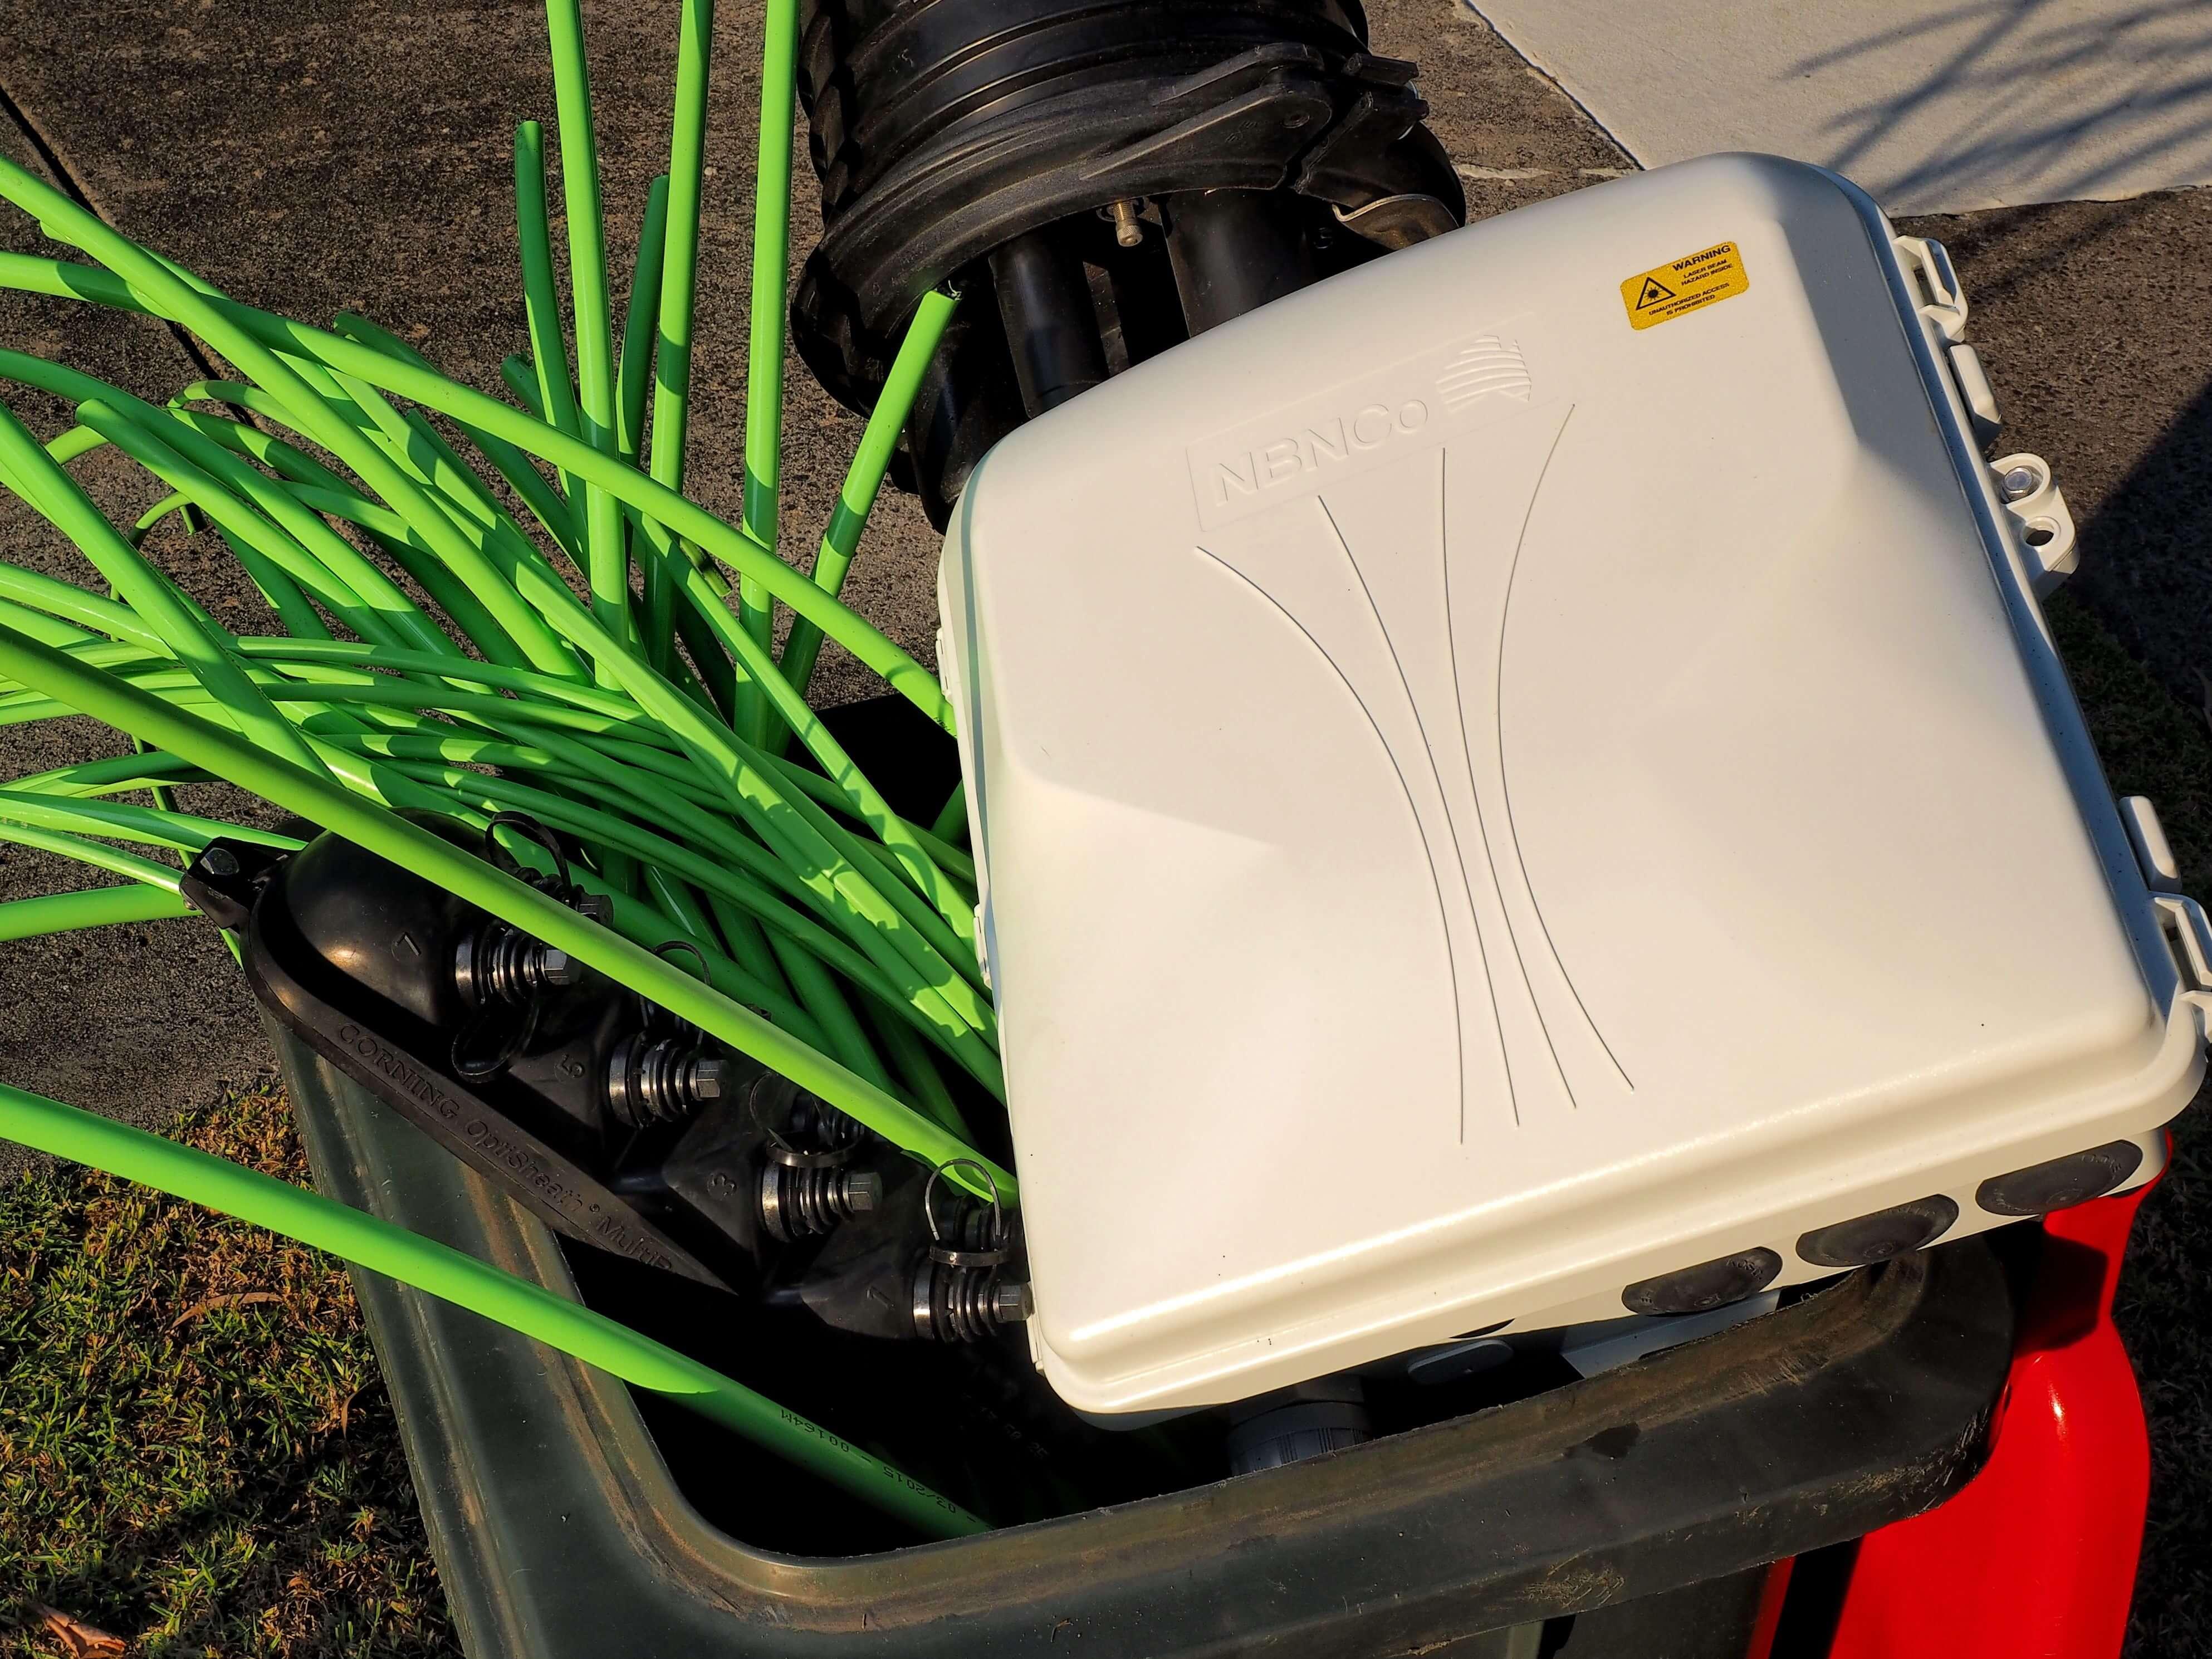 nbn cabling materials